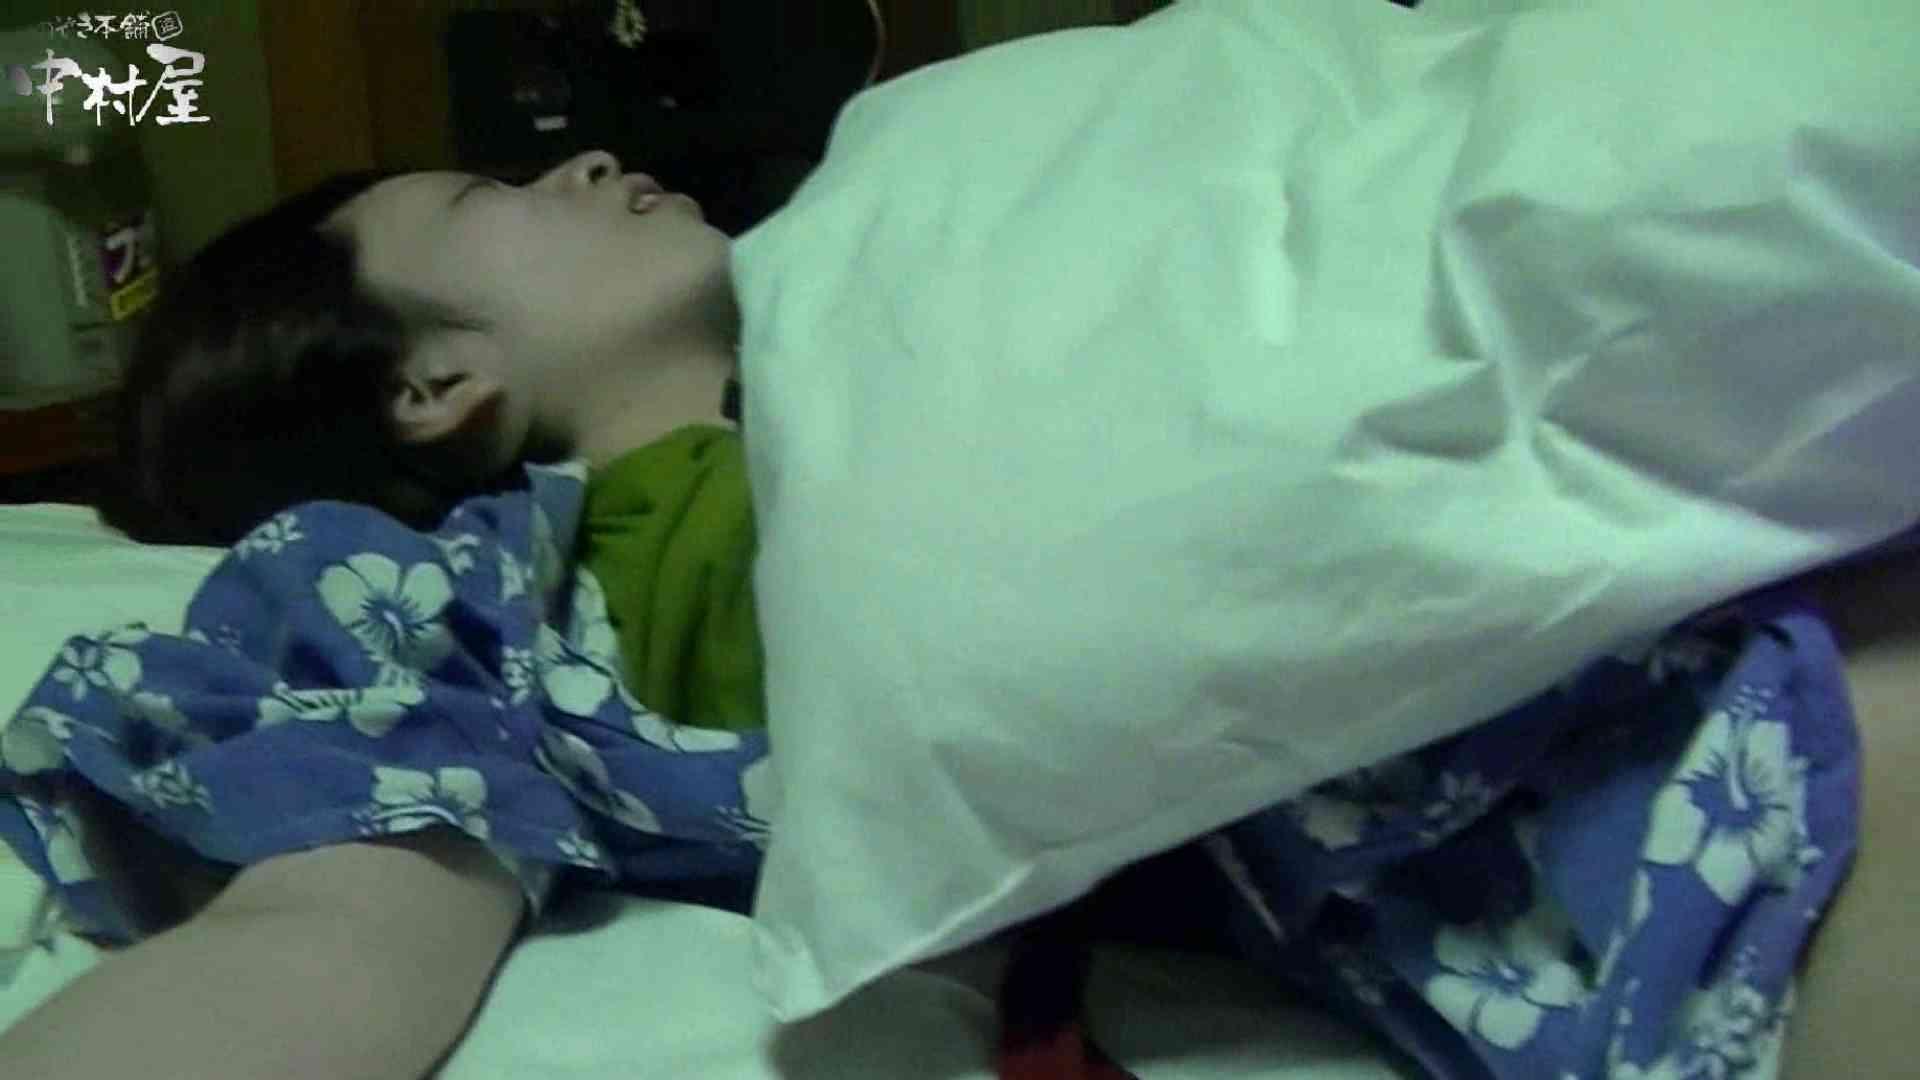 ネムリ姫 vol.33 熟女のエロ動画  80PIX 65